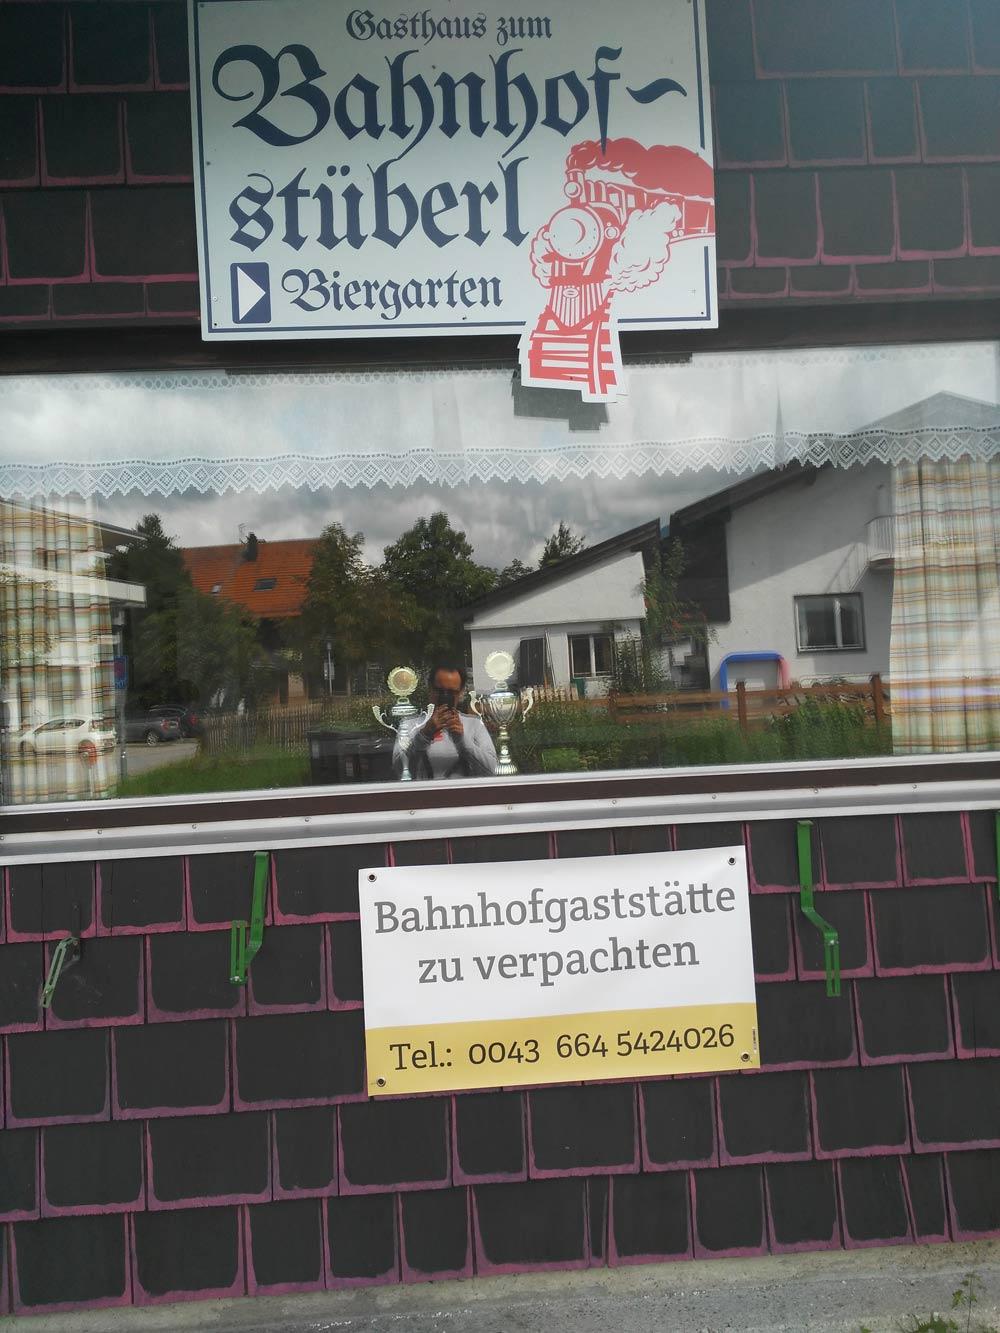 Bahnhofsgastronomiesubkultur - wer will?